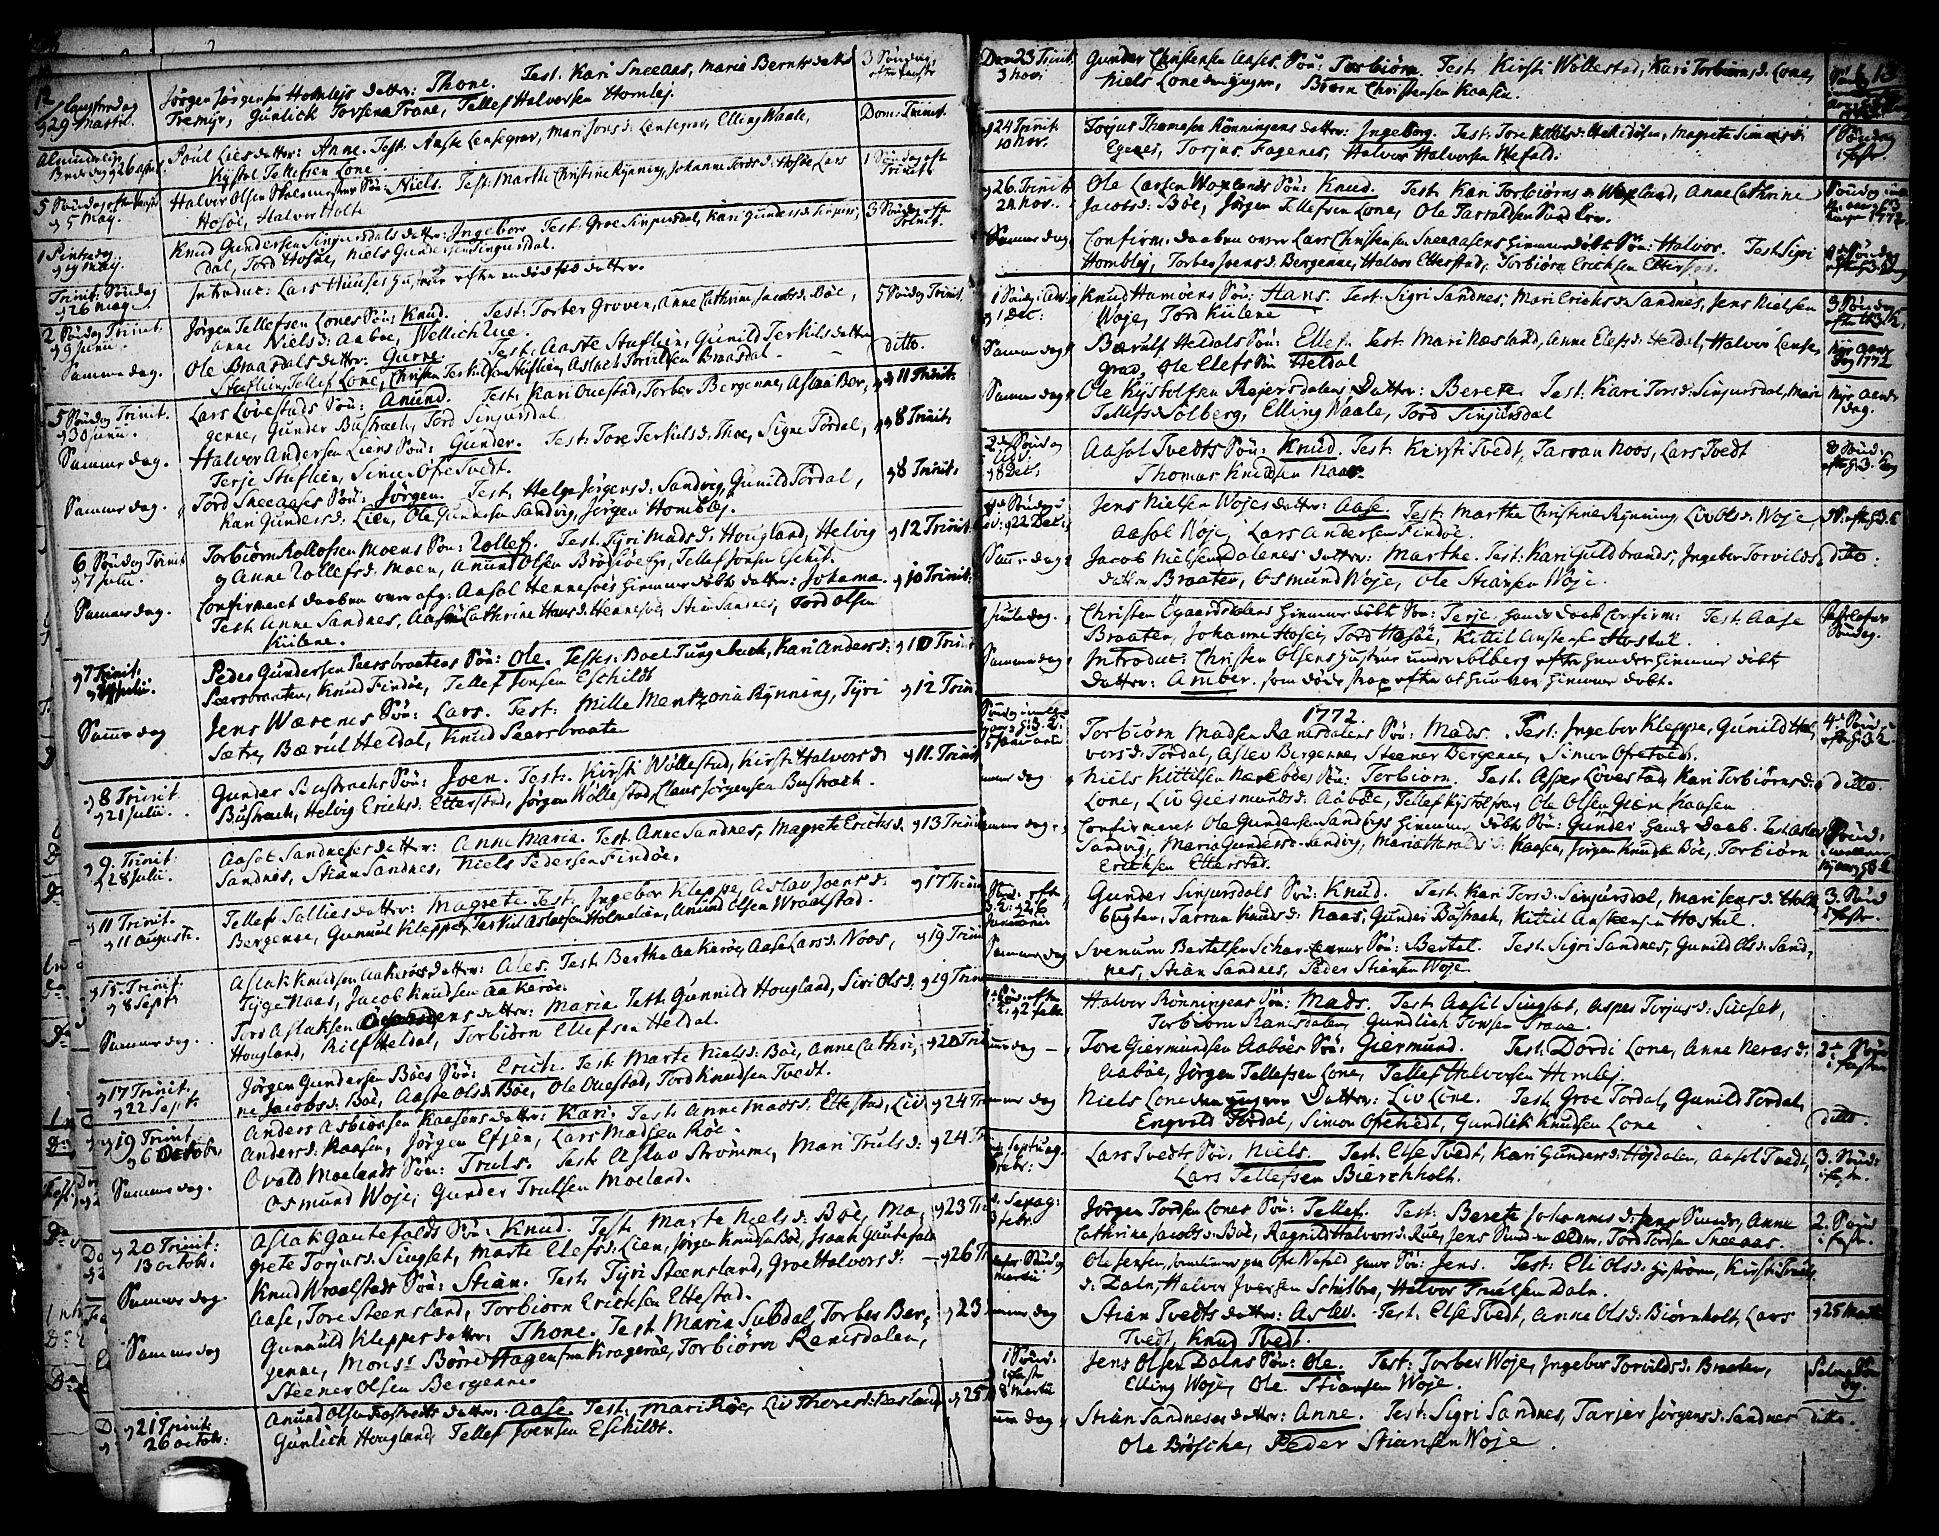 SAKO, Drangedal kirkebøker, F/Fa/L0003: Parish register (official) no. 3, 1768-1814, p. 12-13